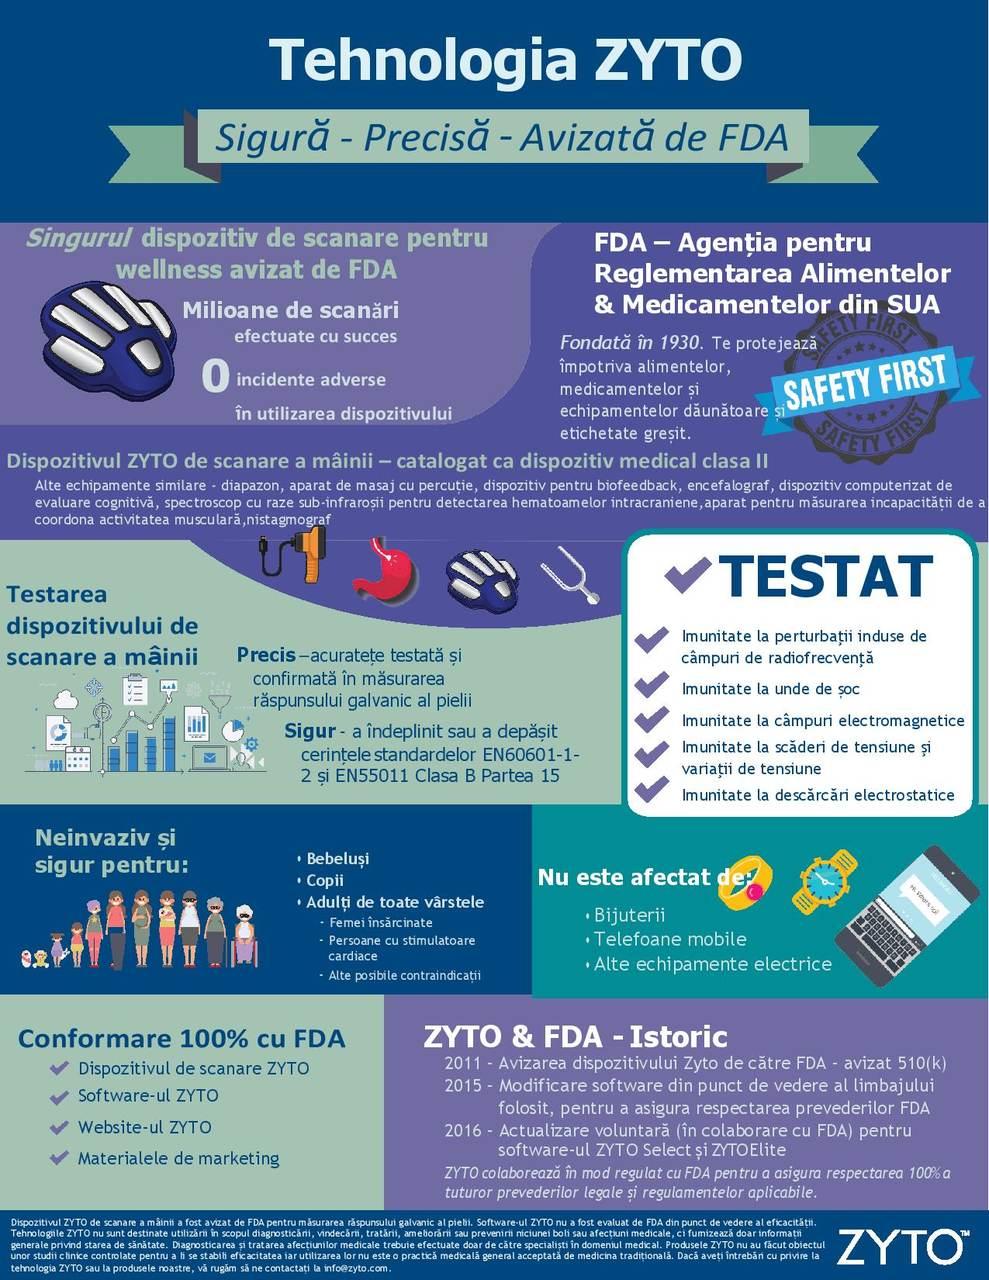 ZYTO infografic_Zyto & FDA_RO